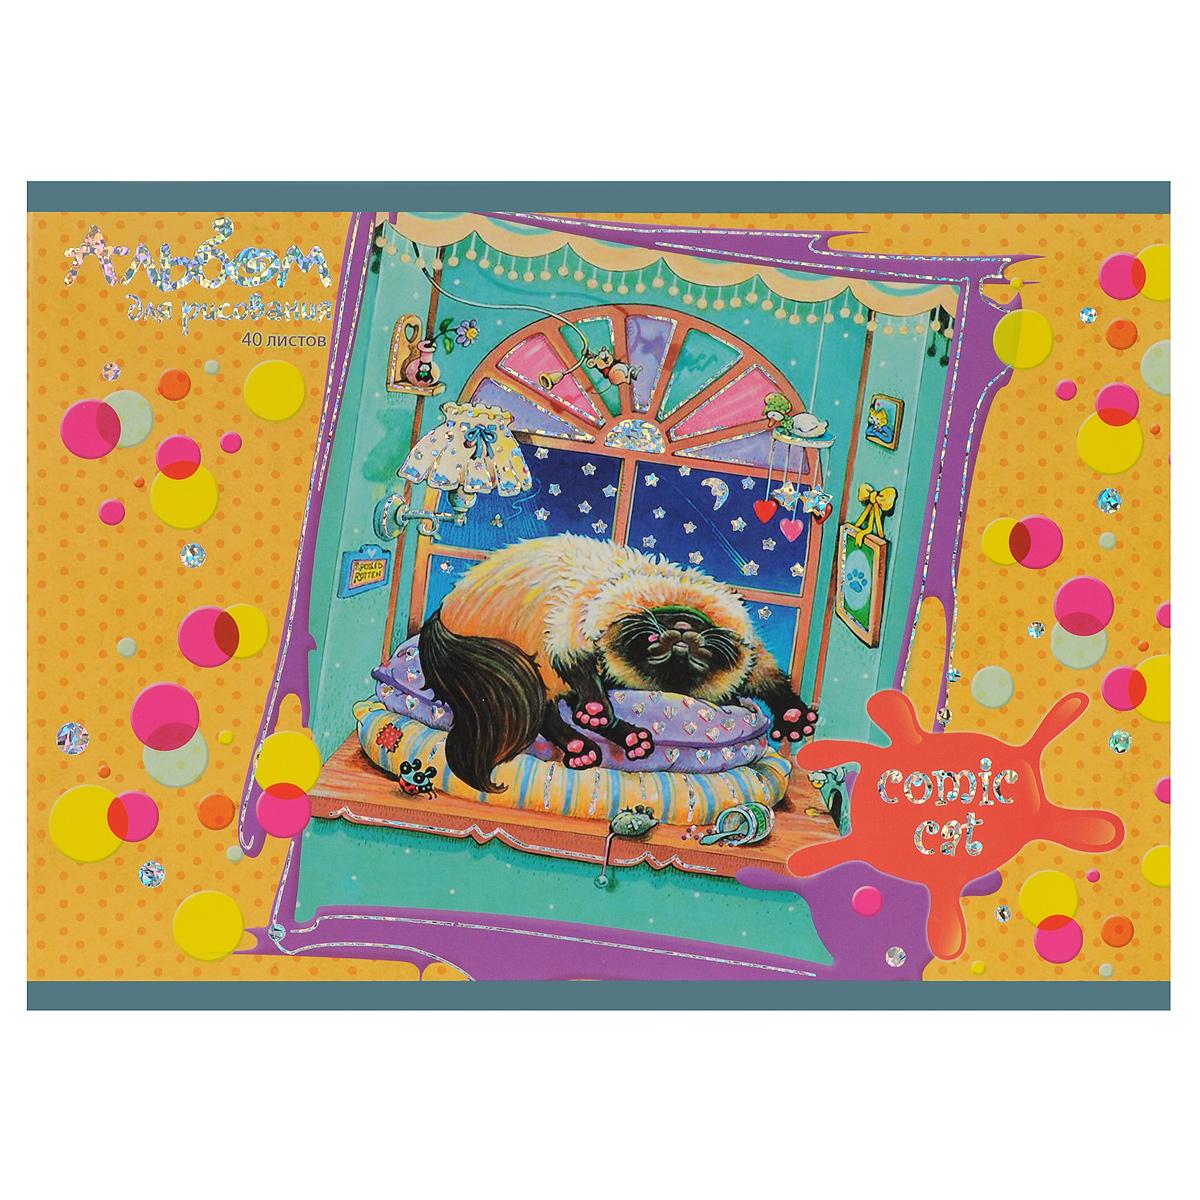 Альбом для рисования Unnikaland Ленивый кот, 24 листаАФ401076Альбом для рисования Unnikaland Ленивый кот непременно порадует маленького художника и вдохновит его на творчество. Яркая, красочная, креативная обложка привлечет внимание юного художника. Обложка альбома покрыта глянцевым лаком и специальной фольгой с эффектом Голография. Обложка играет в руках и радует взгляд. Внутренний блок изготавливается из высококачественной бумаги, что гарантирует чистоту рисунков, высокие укрывистые качества и комфорт при рисовании. Рисование позволяет ребенку развивать творческие способности, кроме того, это увлекательный досуг.